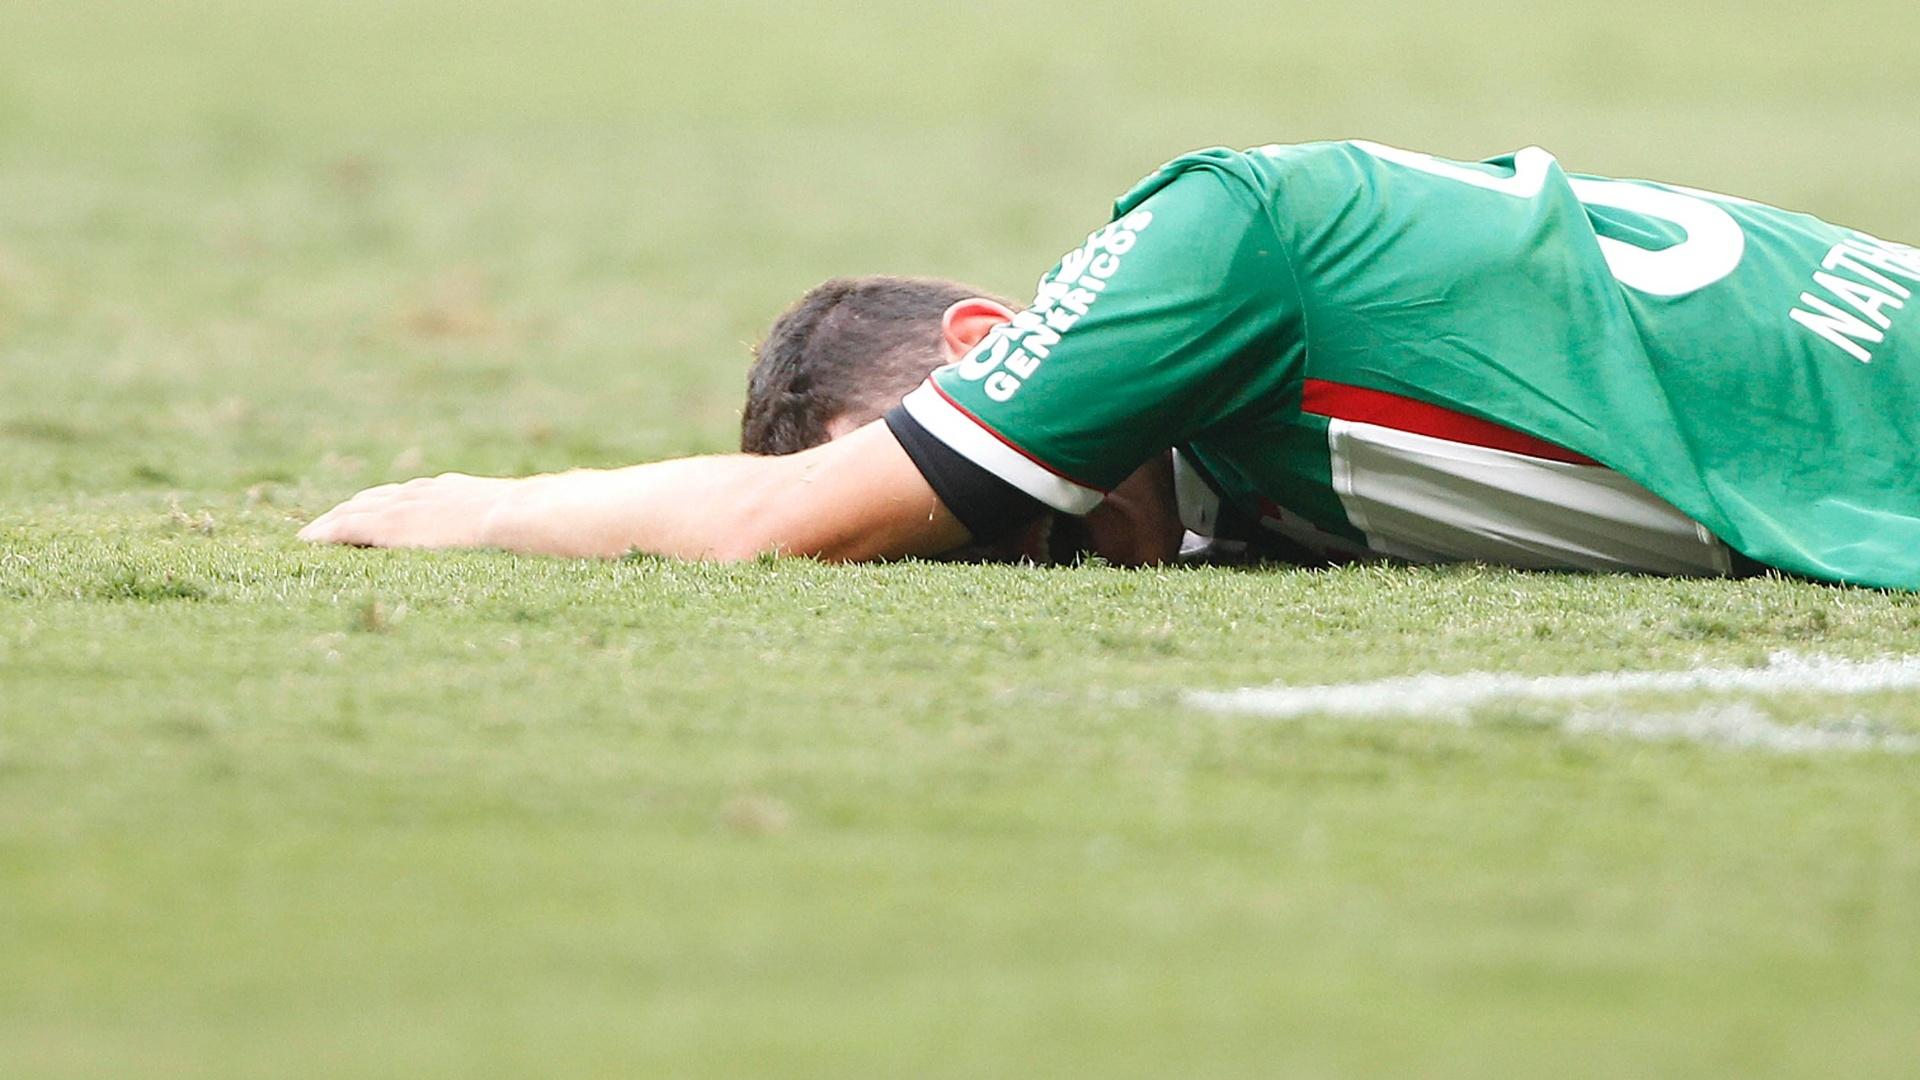 Nathan sente lesão e é substituído